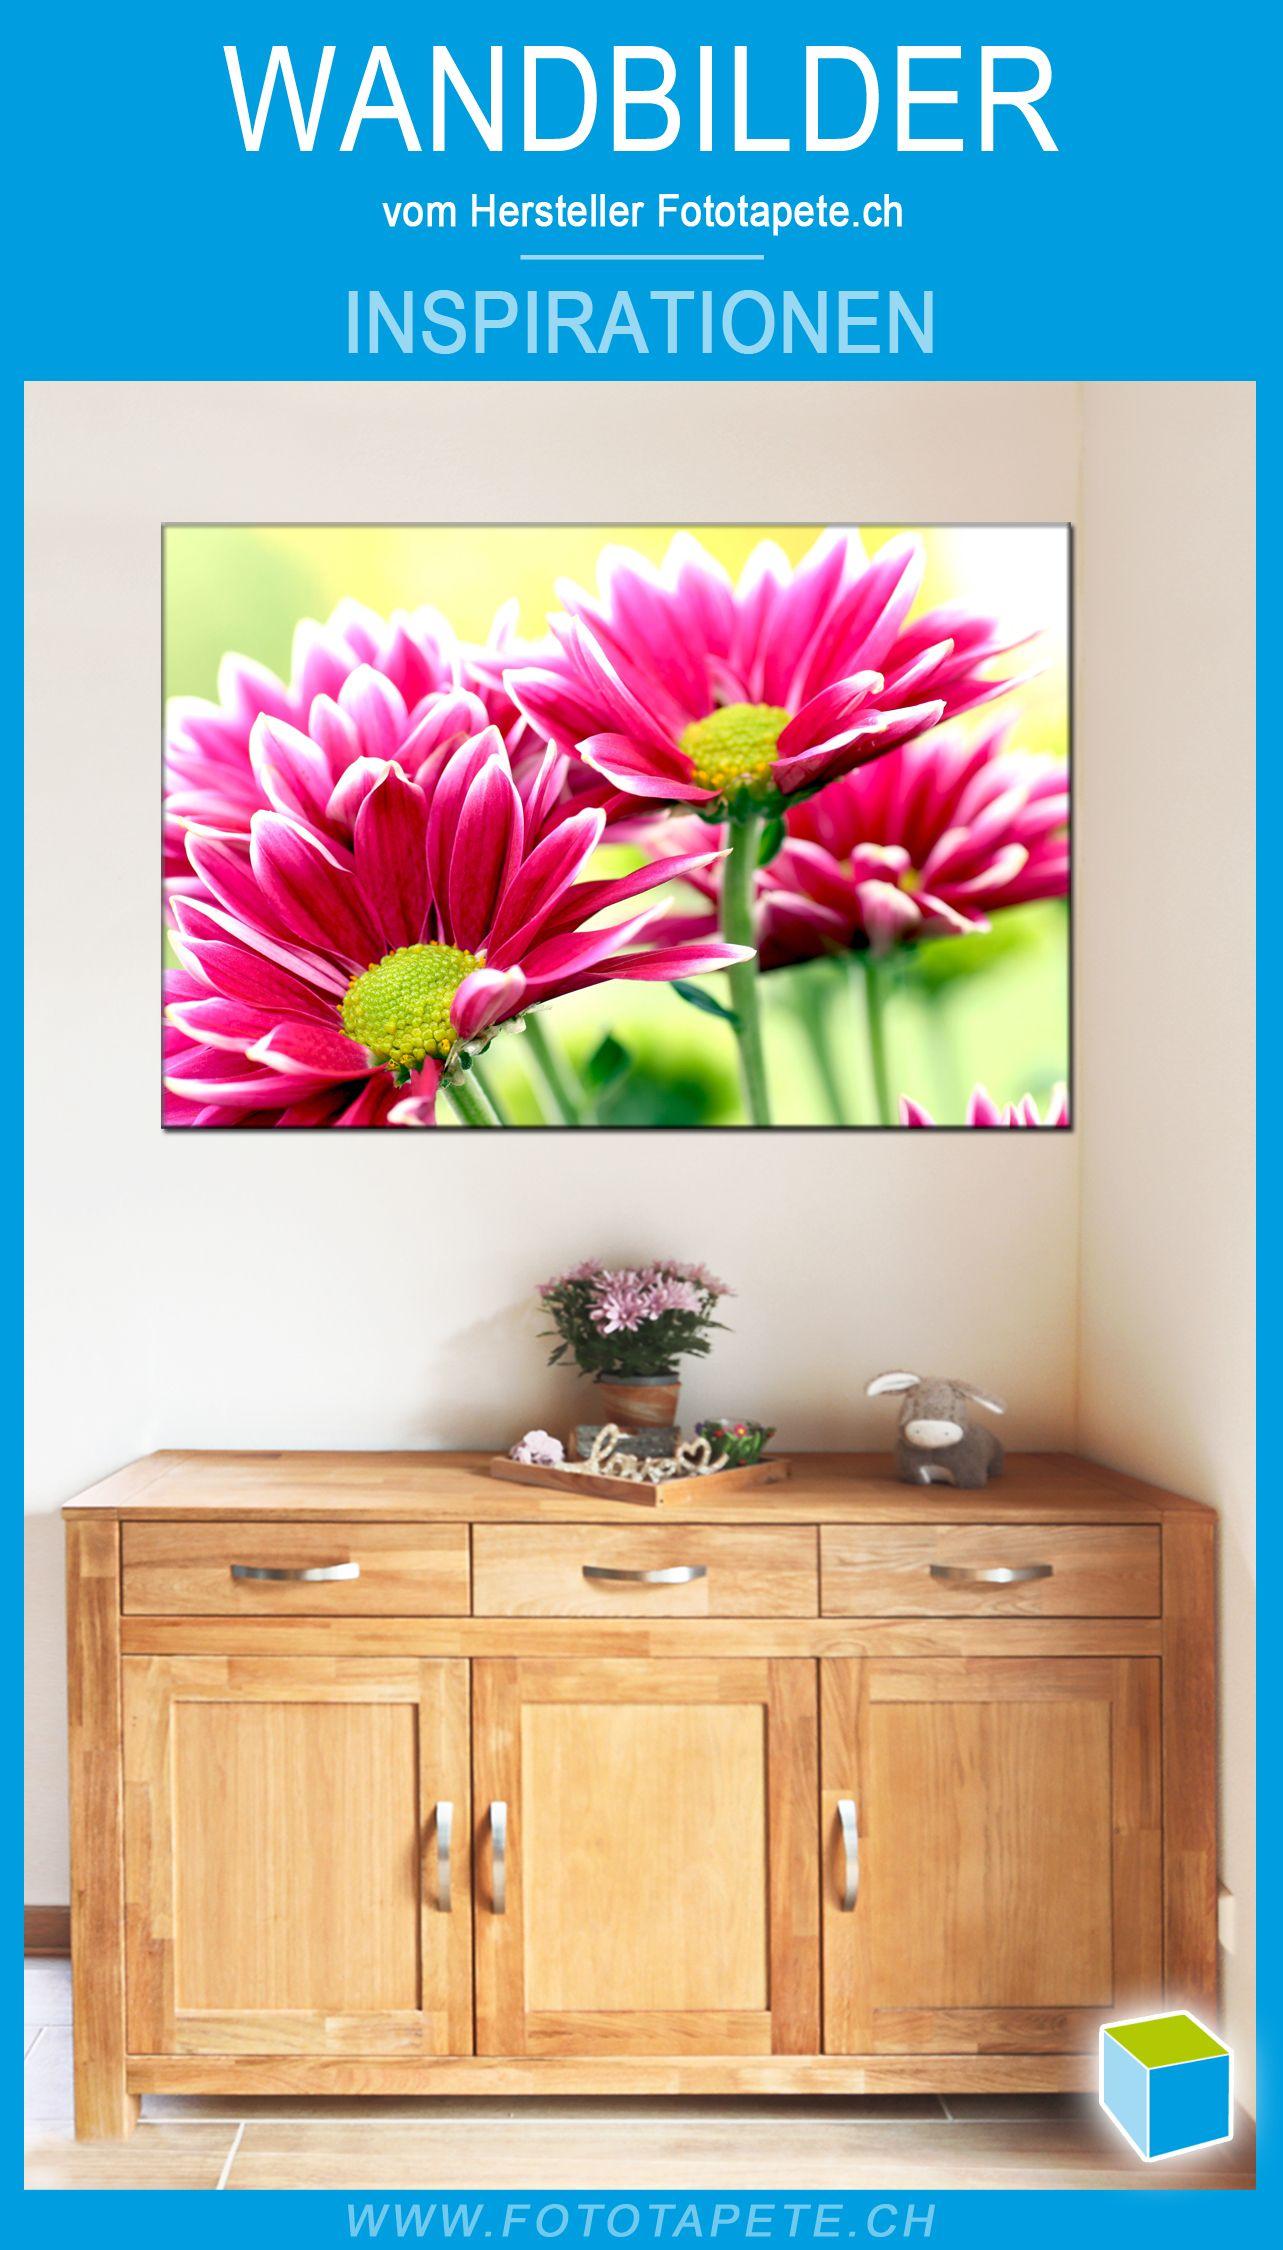 Blumen Wandbilder Als Wohnzimmer Bilder In Xxl Blumen Wandbild Wandbilder Wohnzimmerbilder